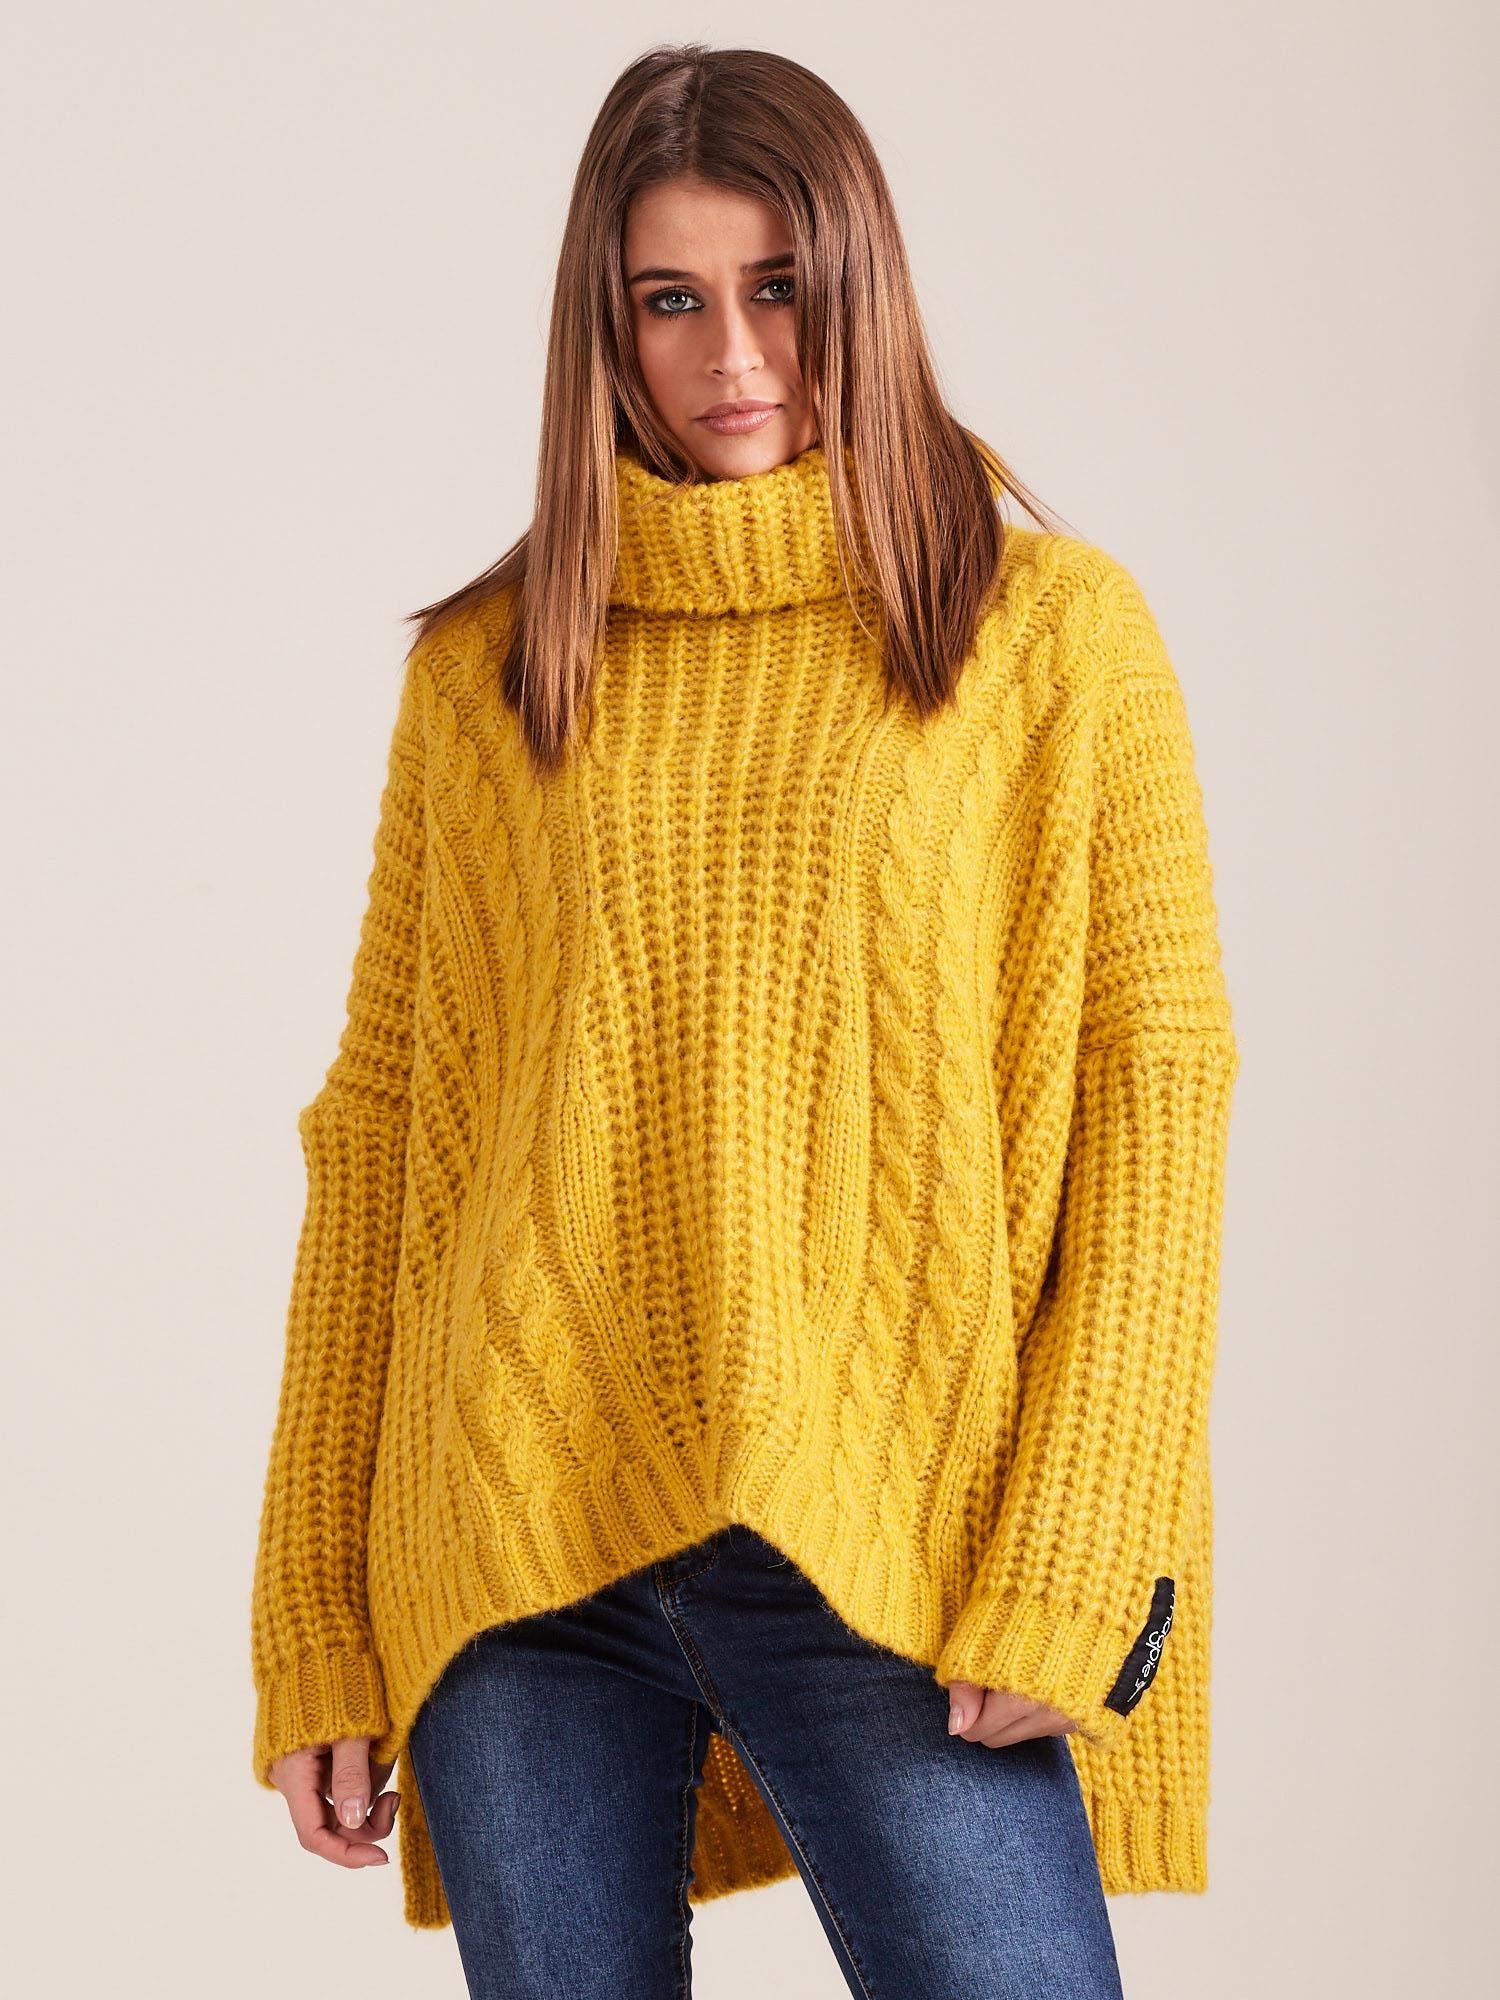 27f90b4f50ad44 MAGPIE Luźny żółty sweter z golfem - Sweter z golfem - sklep eButik.pl